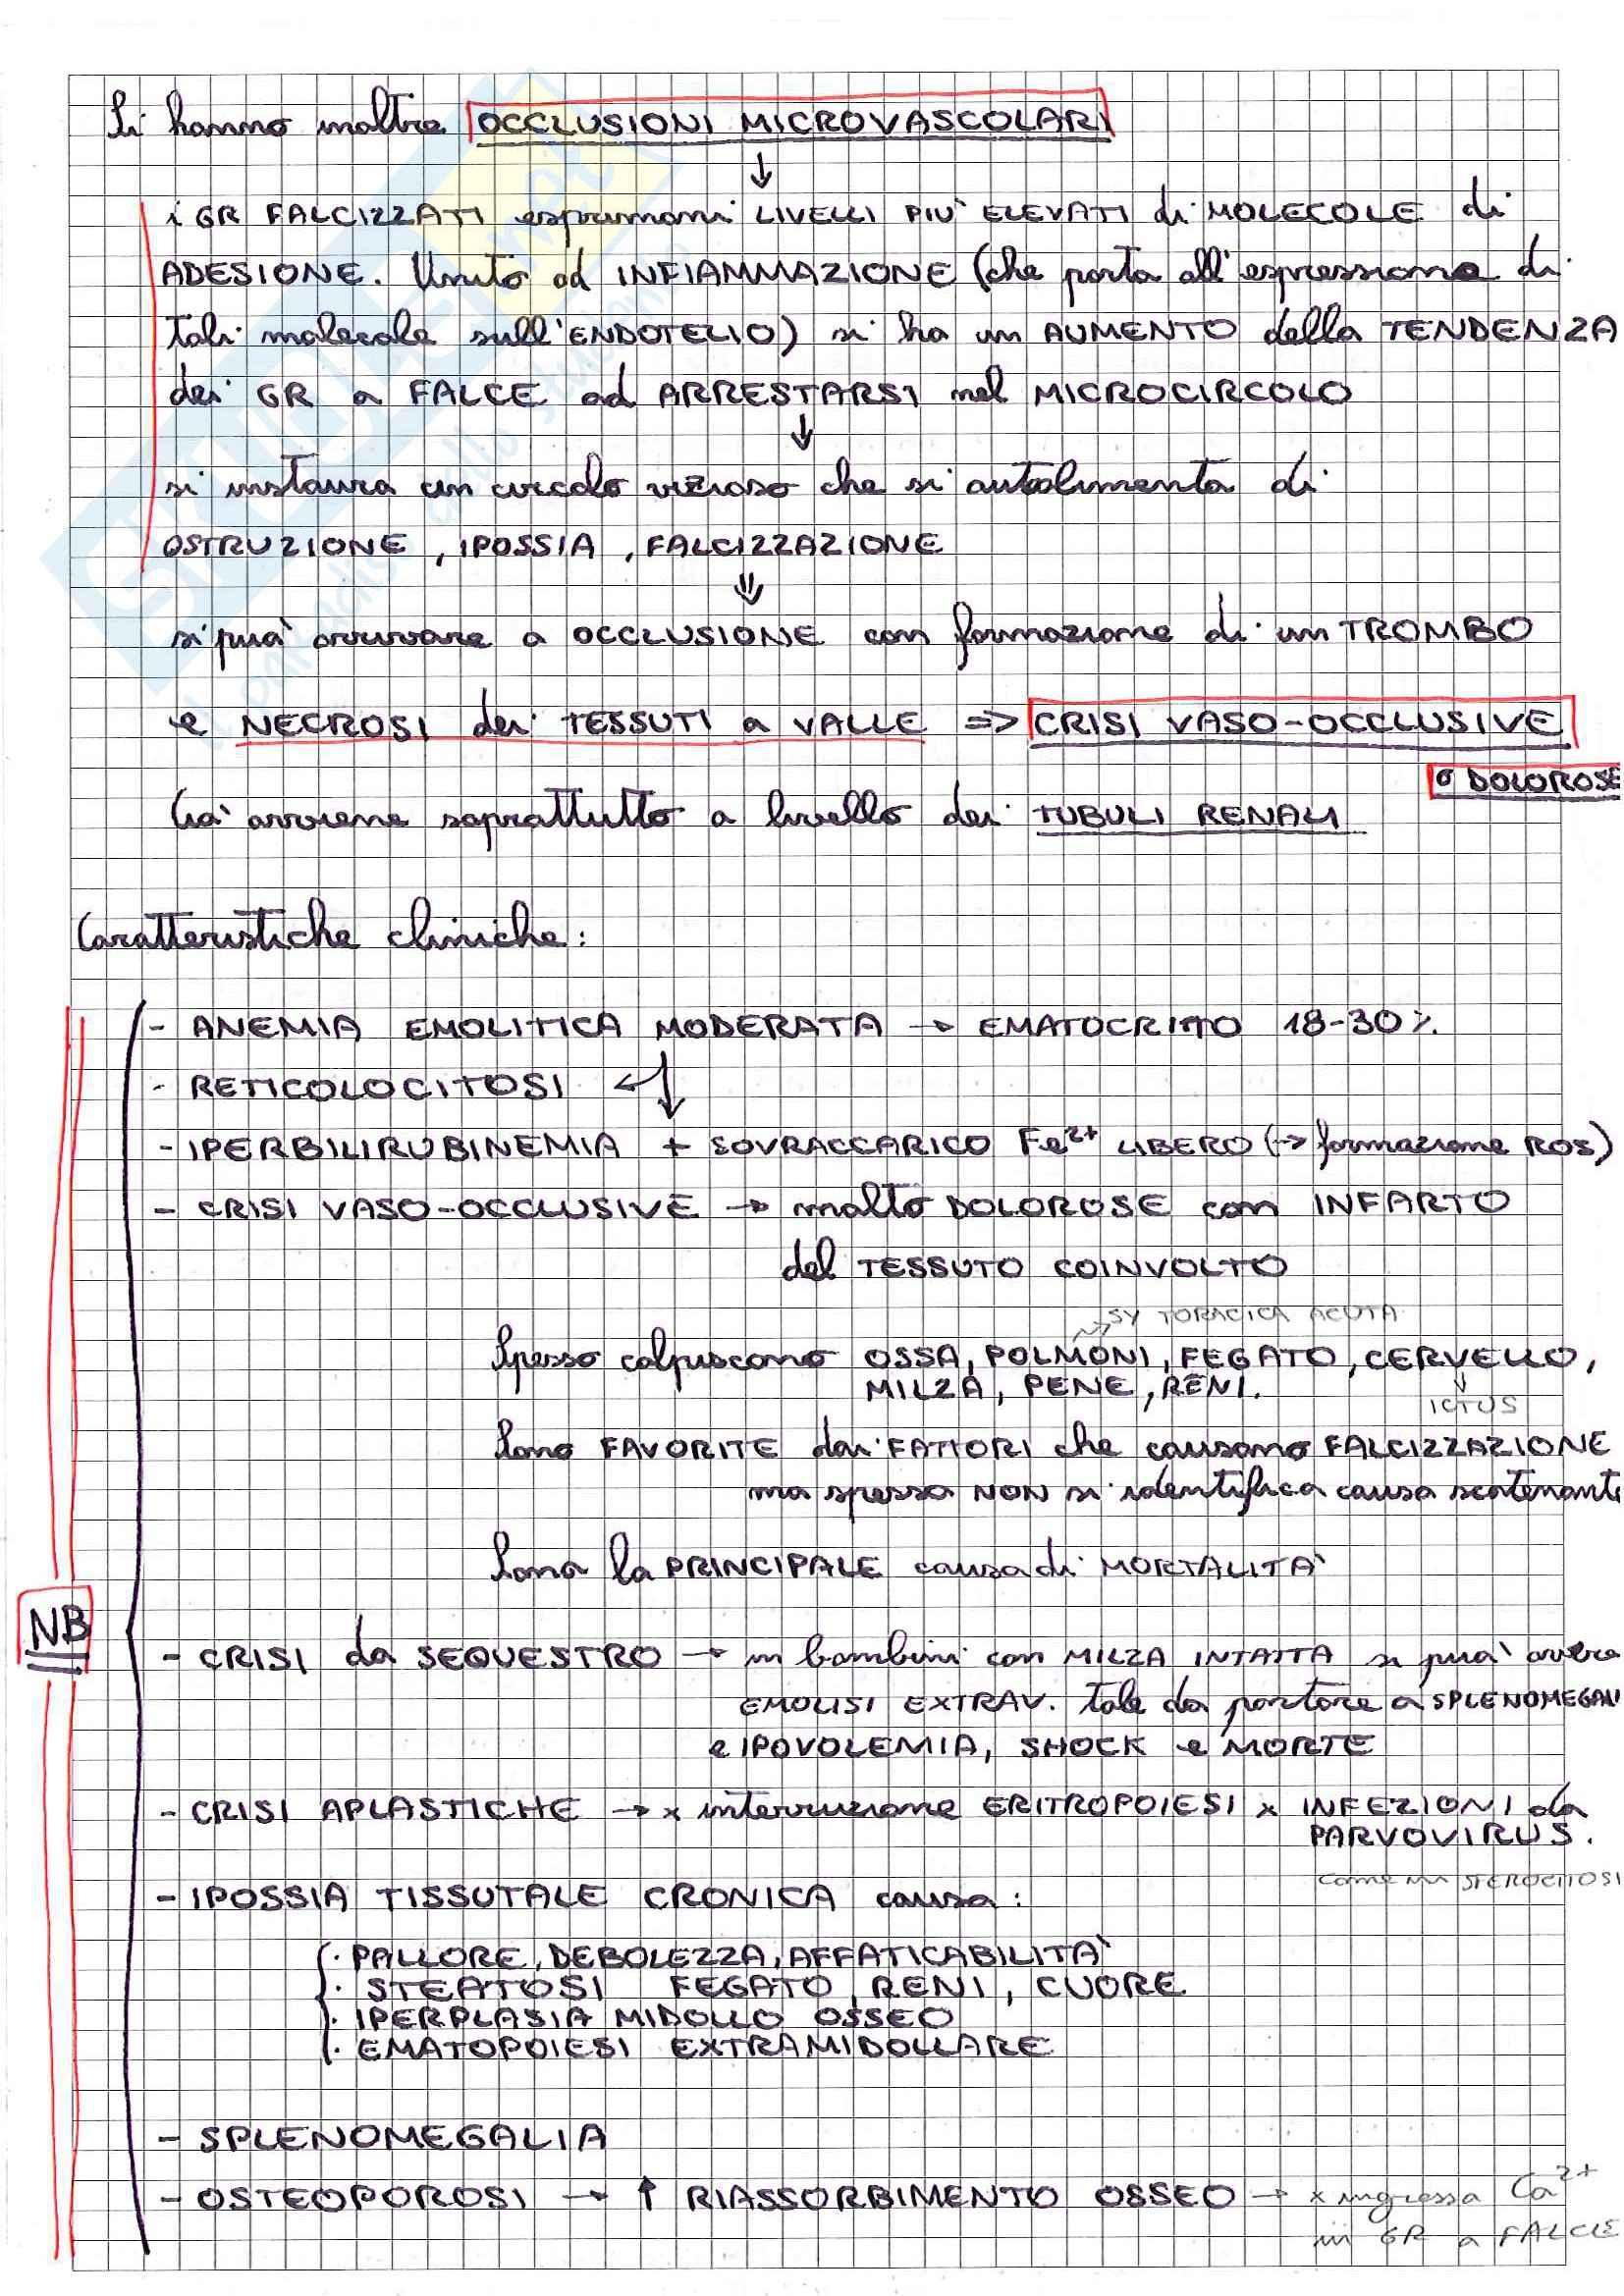 Riassunto esame Patologia, prof. Desiderio, libro consigliato Le basi patologiche delle malattie, Robbins , Cotran: parte 1 Pag. 16